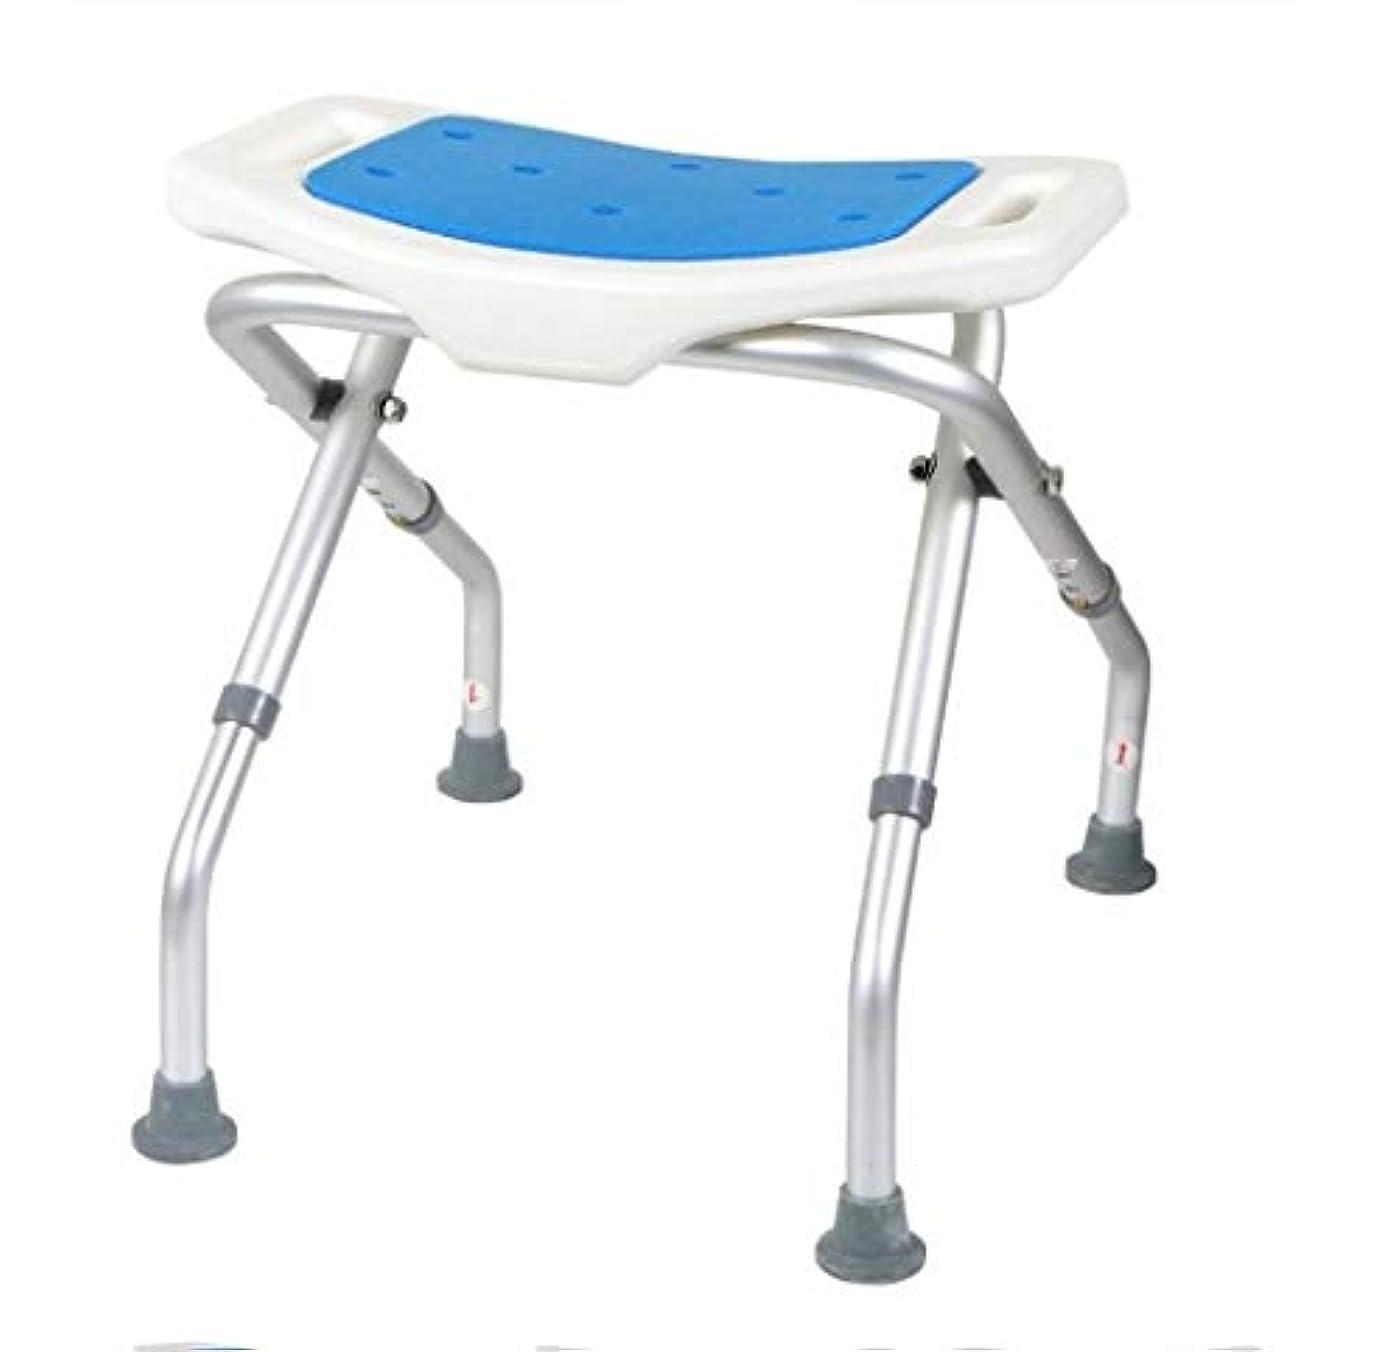 軽量高さ調節可能なシャワースツール、バスルームシート、シャワーチェア、高齢者用入浴用品、身体障害者用、バスシートベンチ